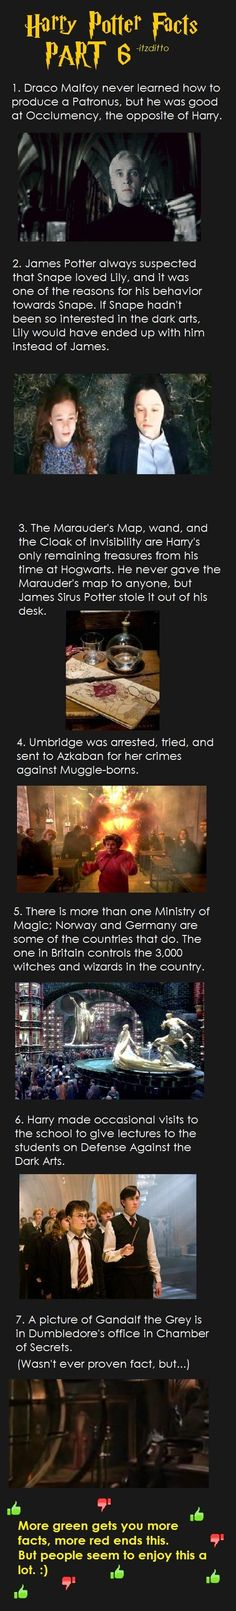 Sarahs Bücherkiste: Harry Potter Bilder nur für euch.